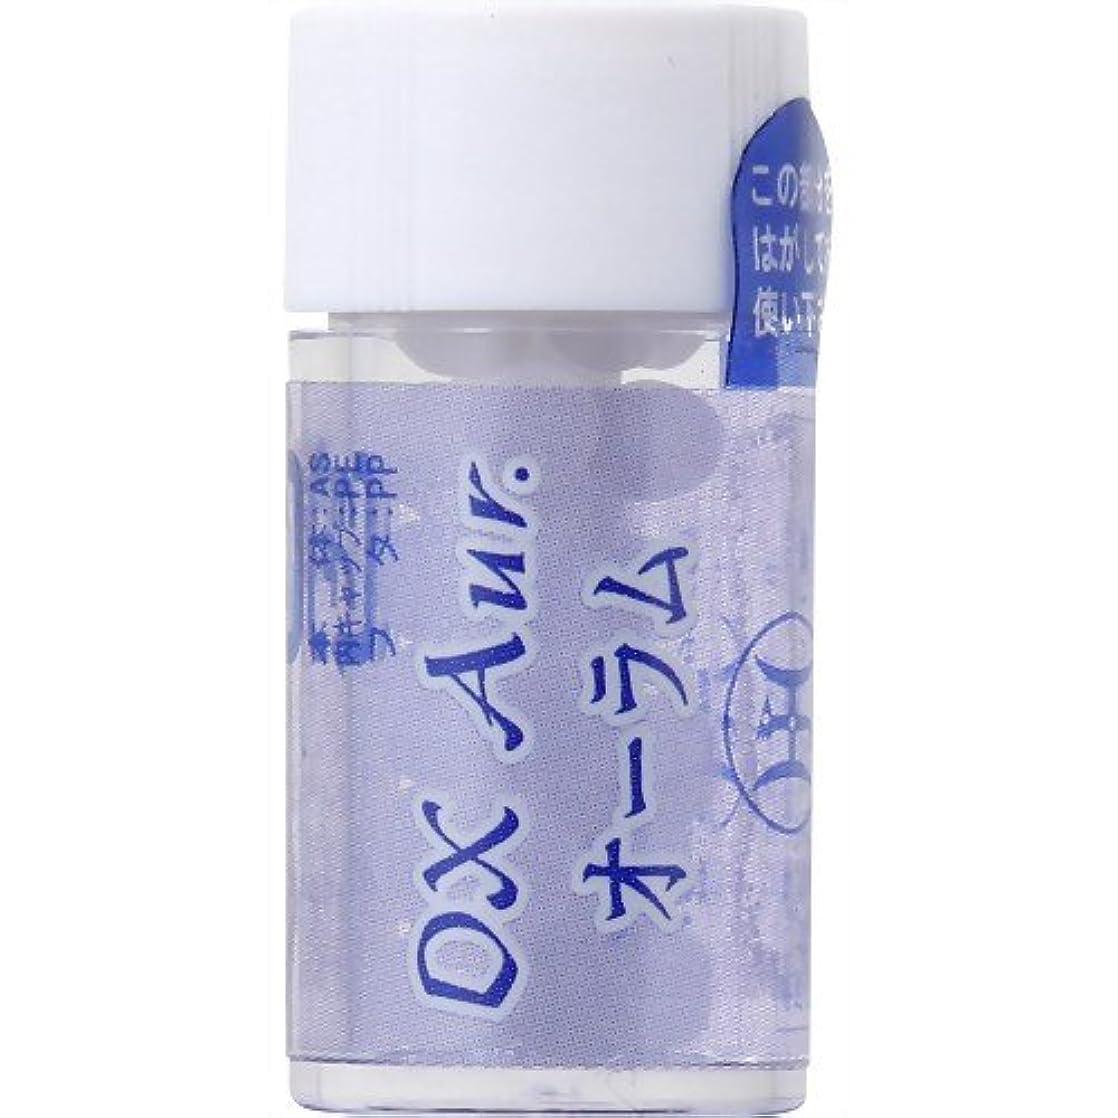 失礼拘束する予想するホメオパシージャパンレメディー DX Aur.  ディーエックス オーラム (小ビン)